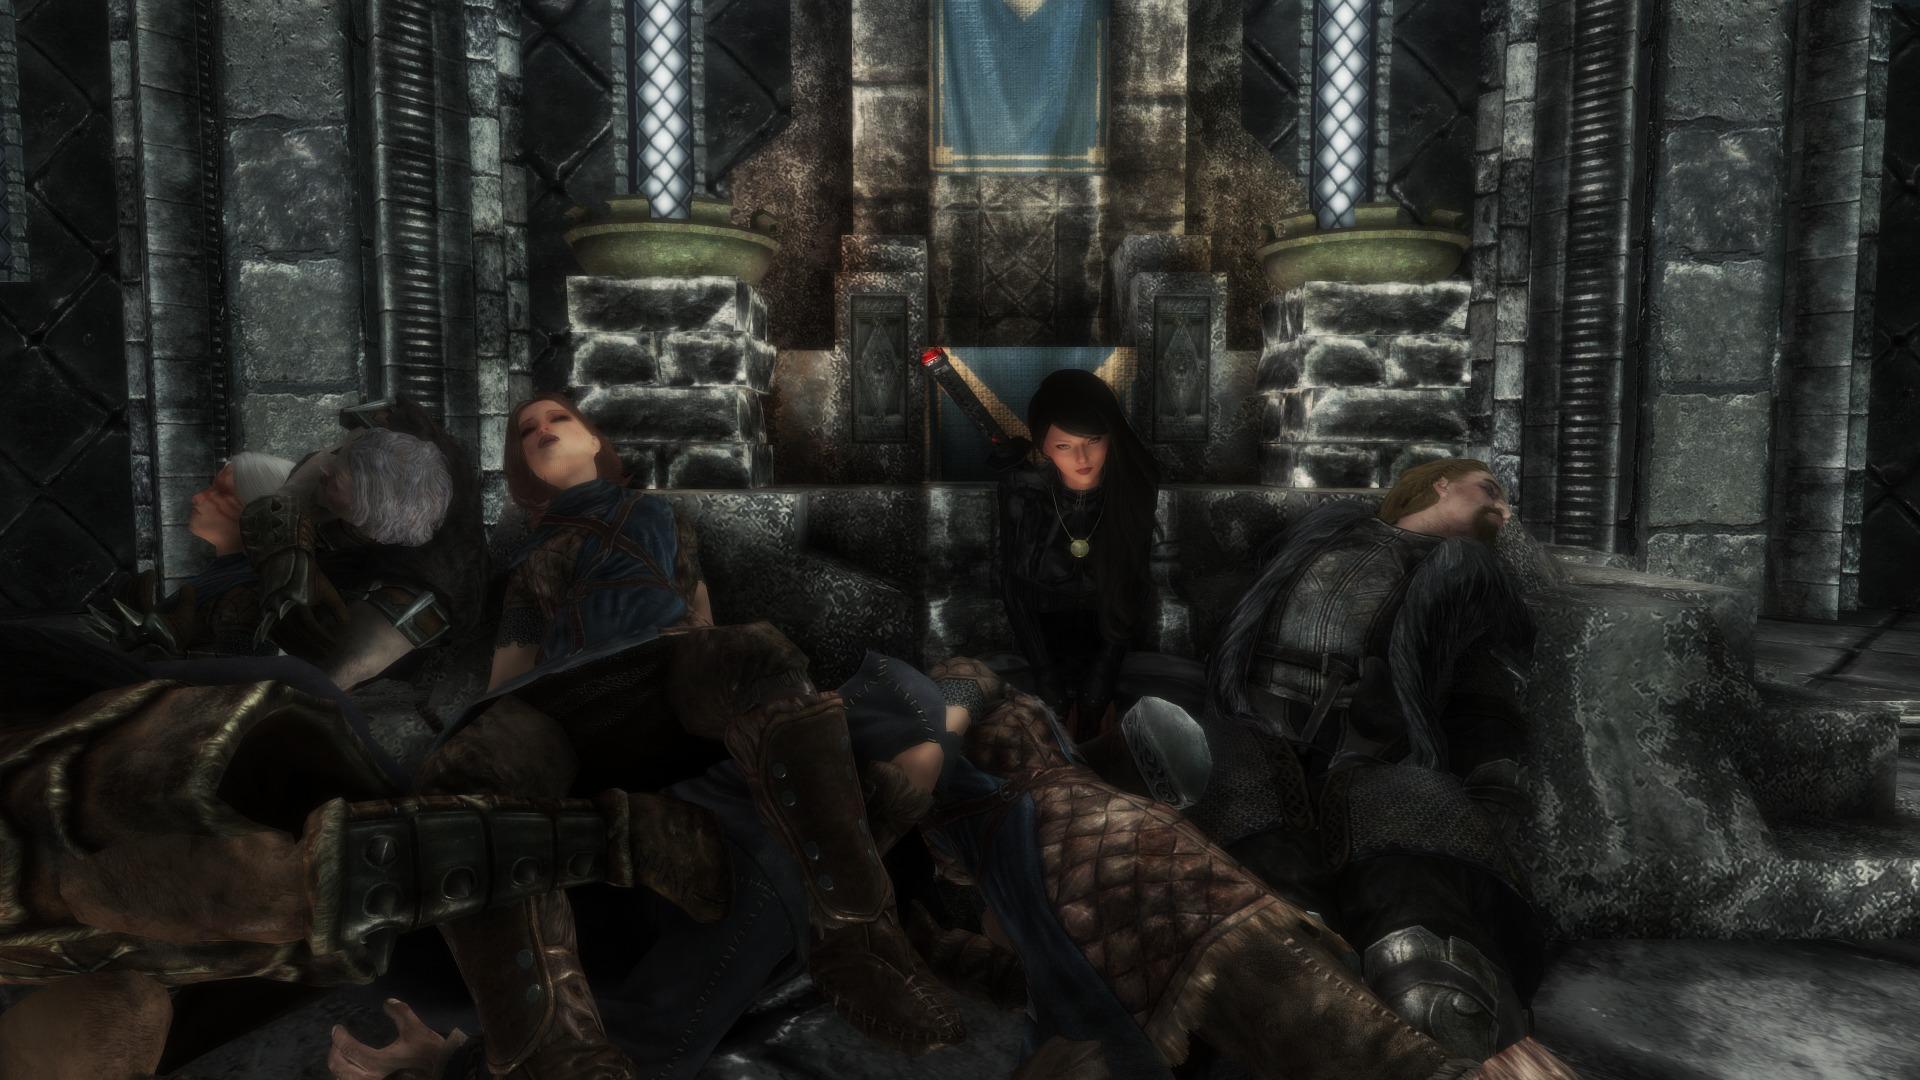 Игрок Skyrim превратил свою жену в Омни-вумен и убил всех NPC в Скайриме